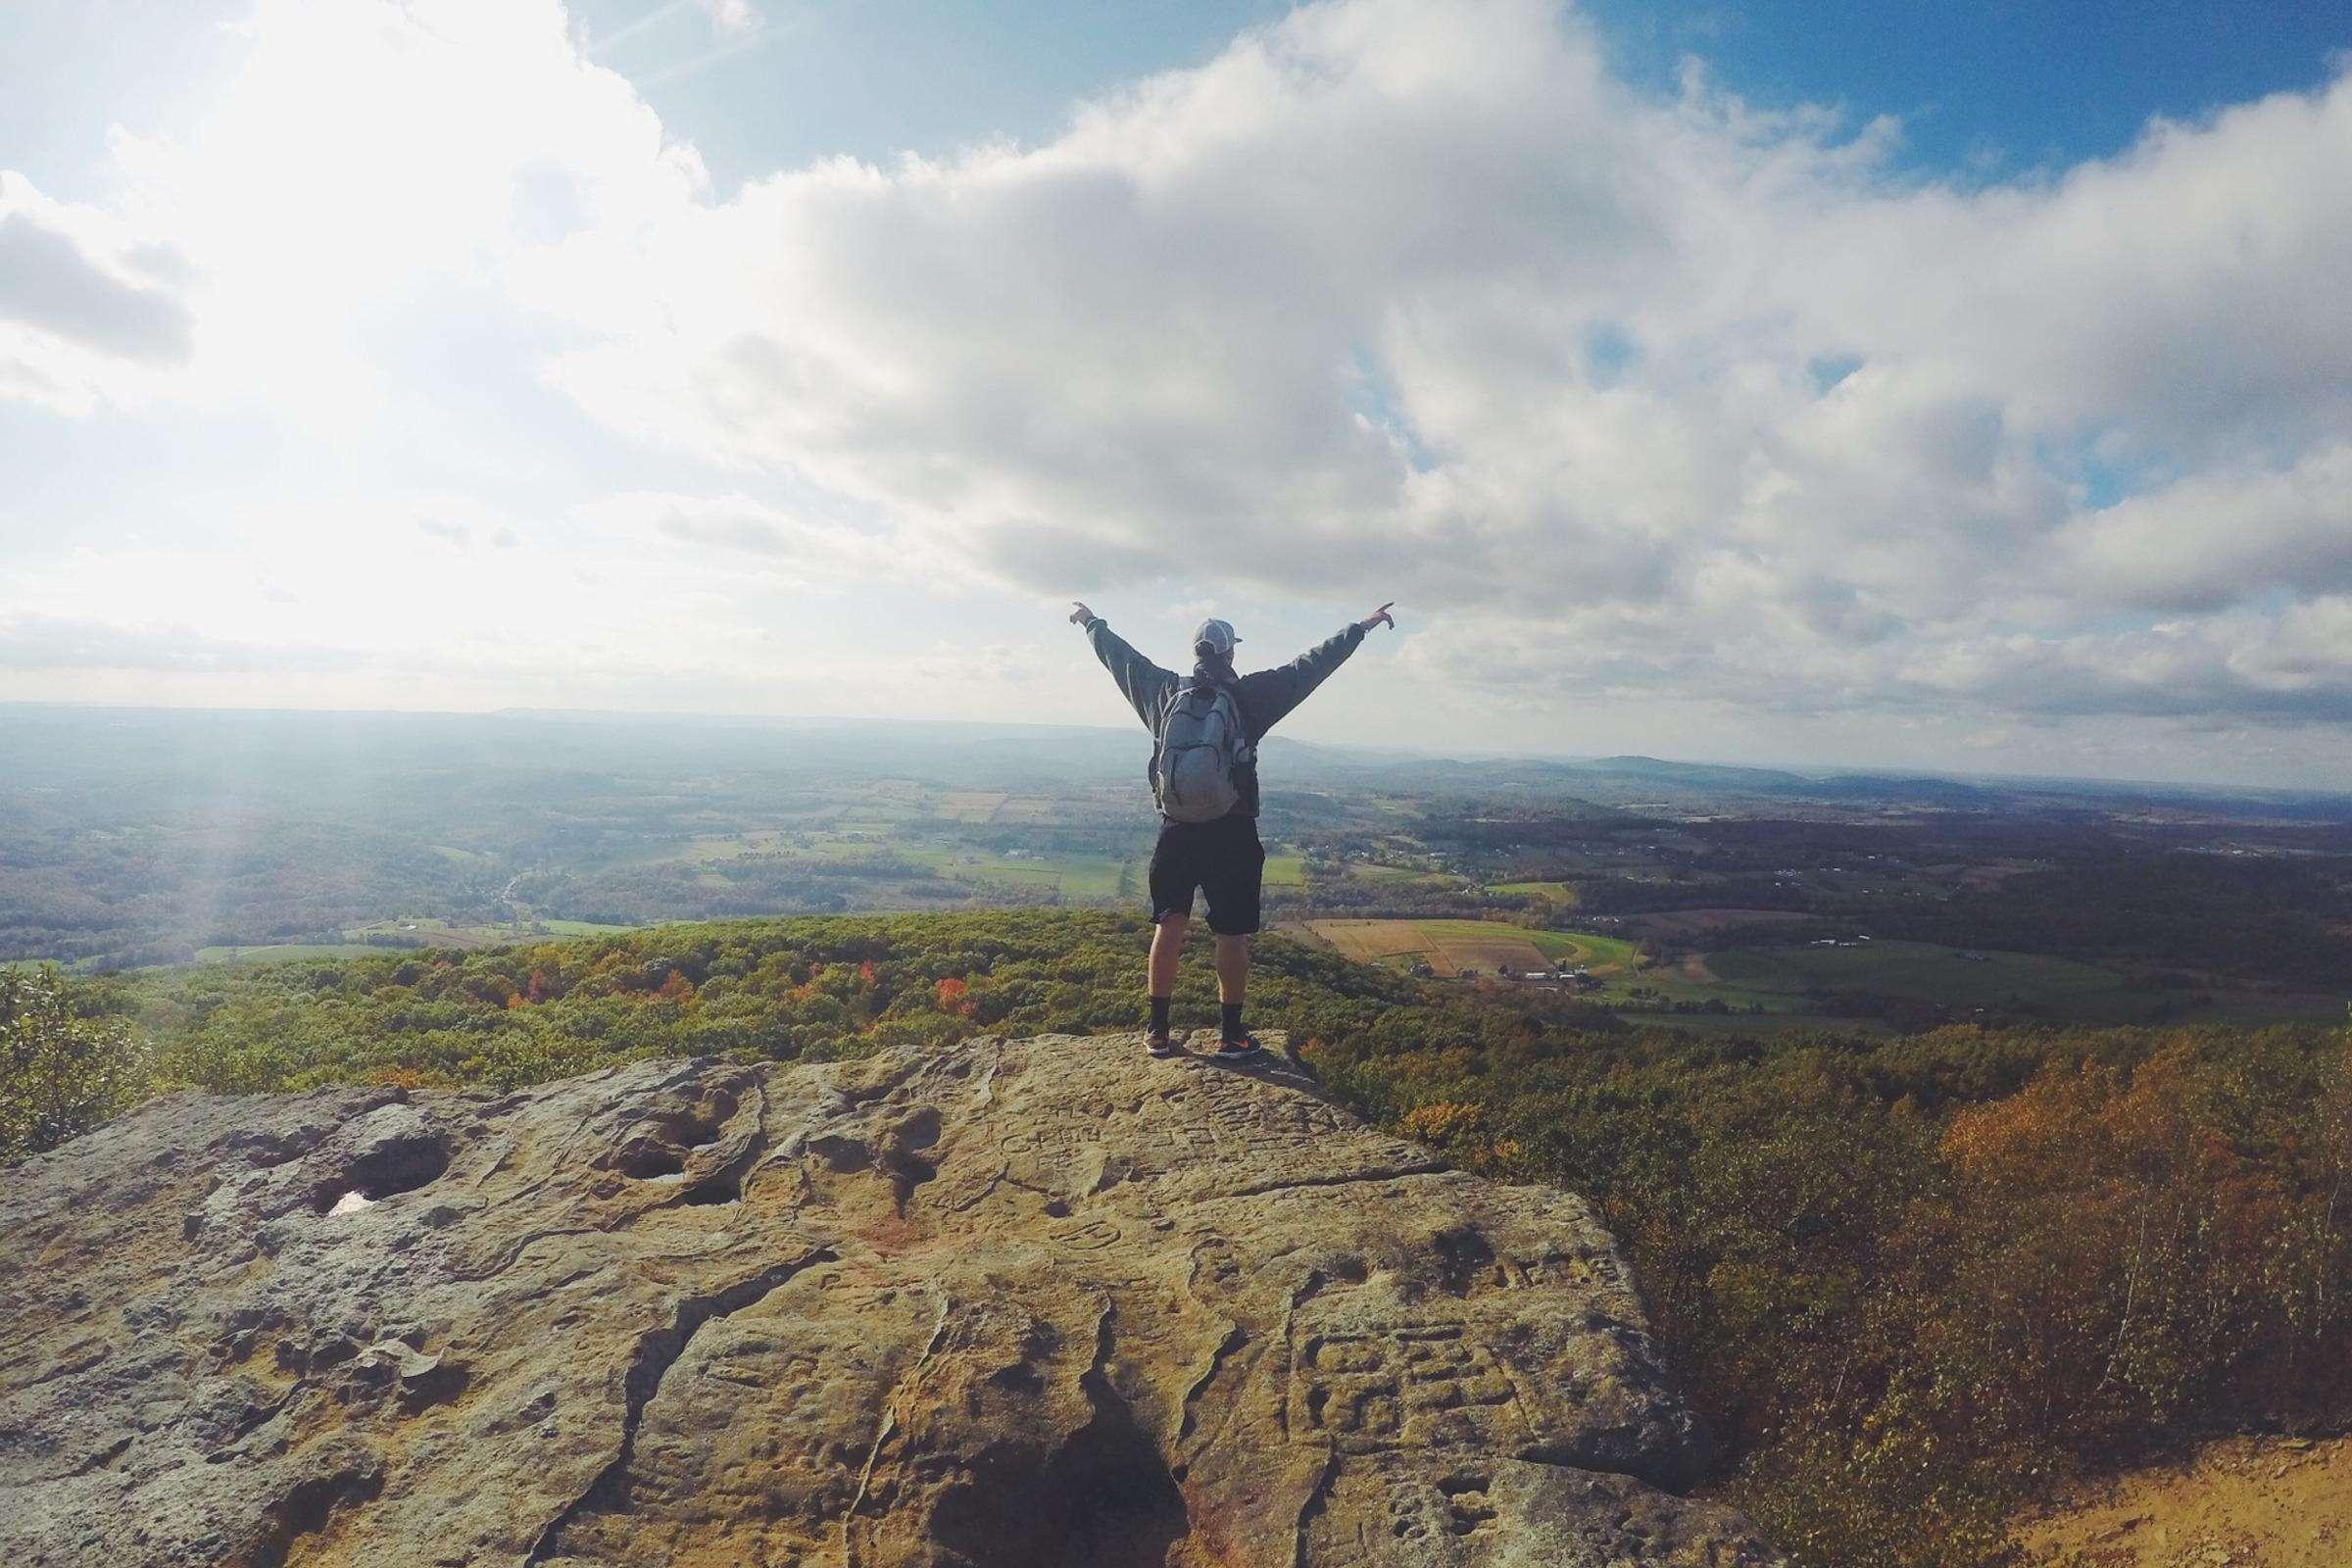 Auszeit im Ausland - Gap Year